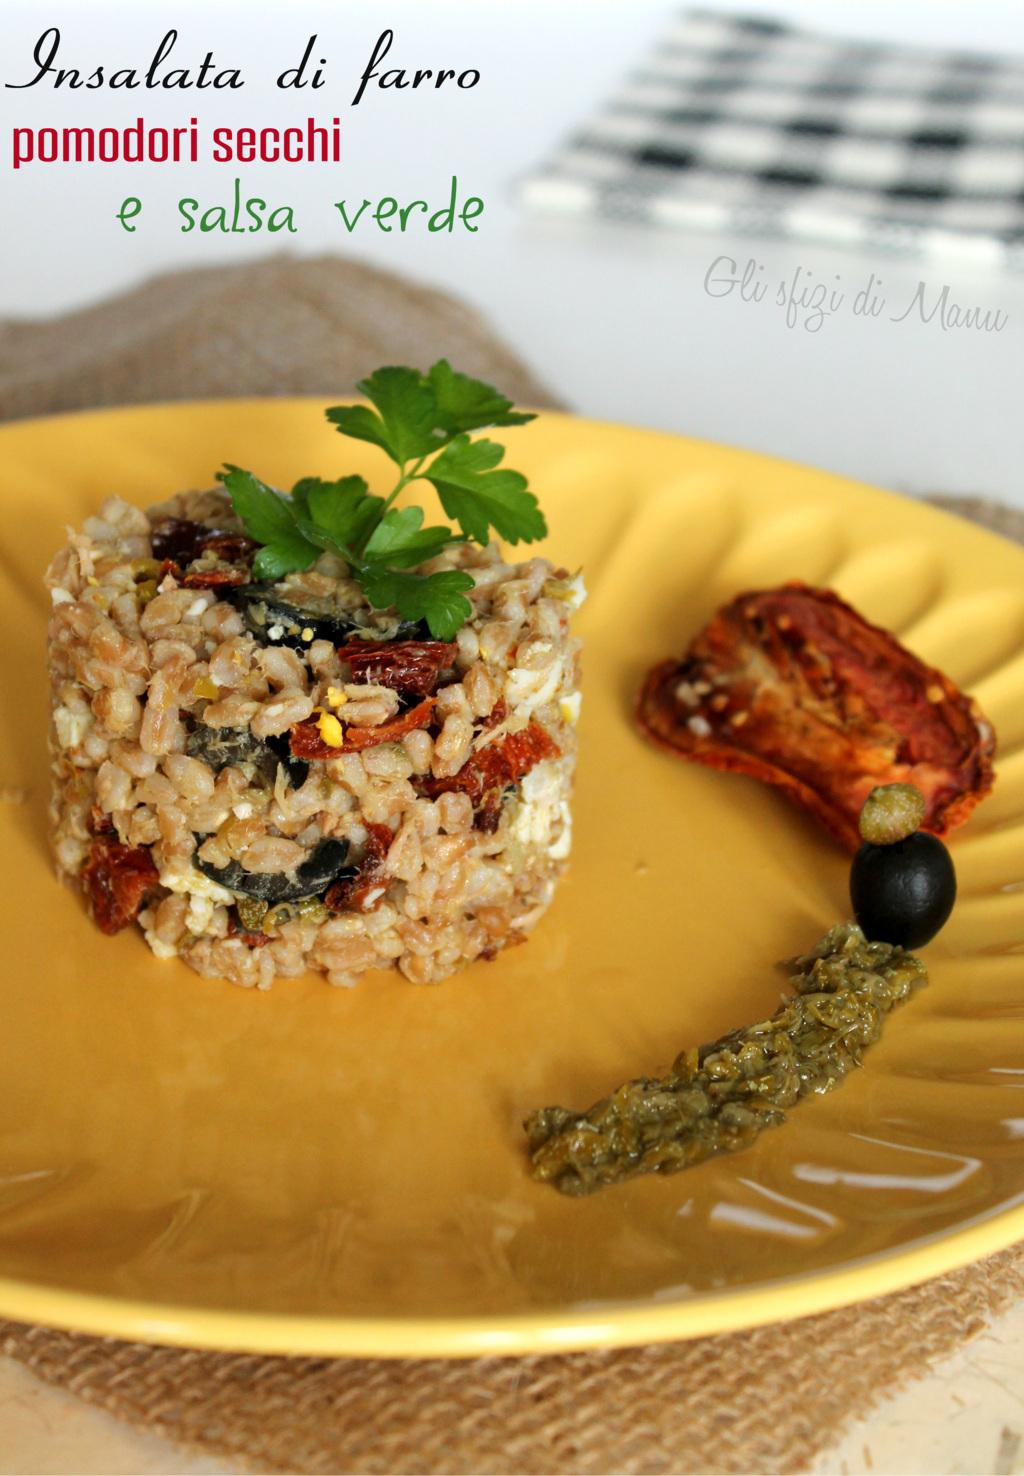 insalata di farro ai pomodori secchi e salsa verde